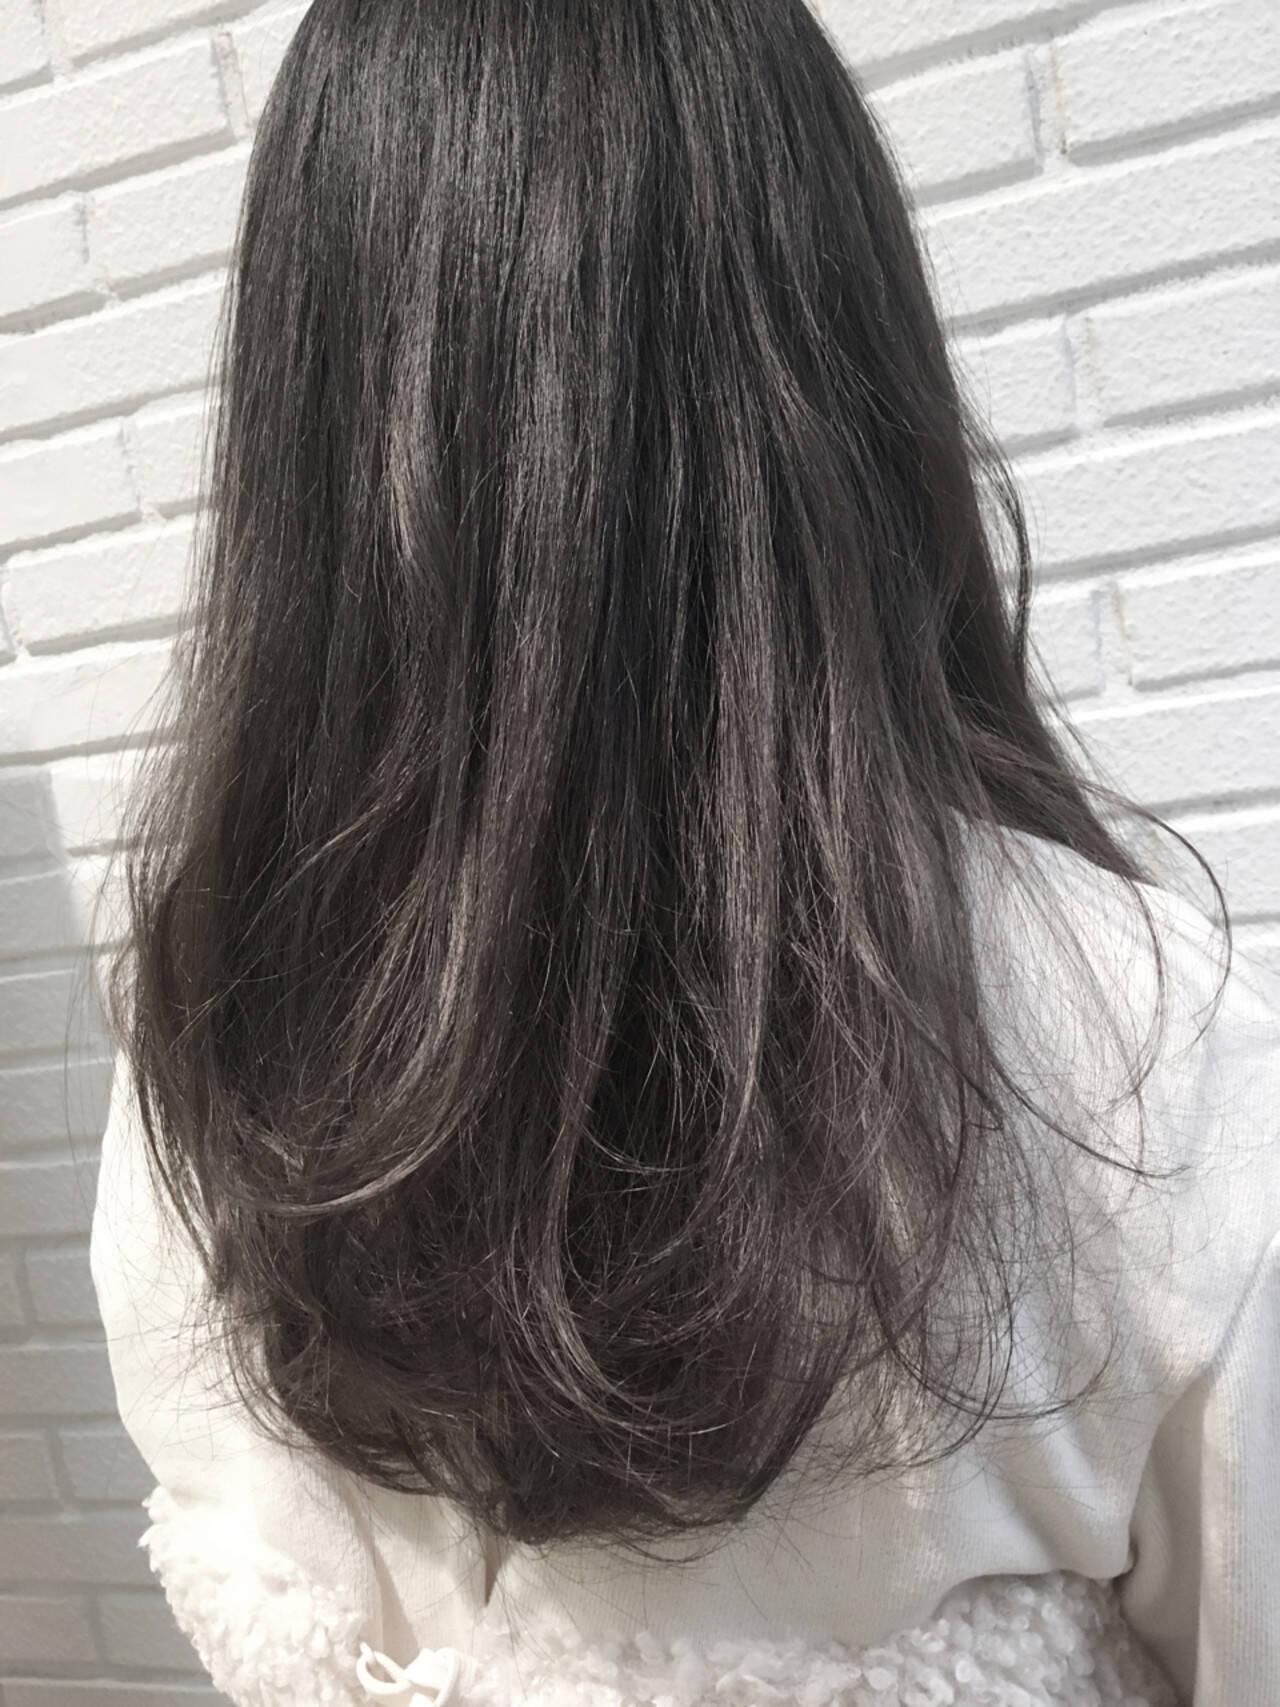 グレー ロング ダブルカラー ダークアッシュヘアスタイルや髪型の写真・画像